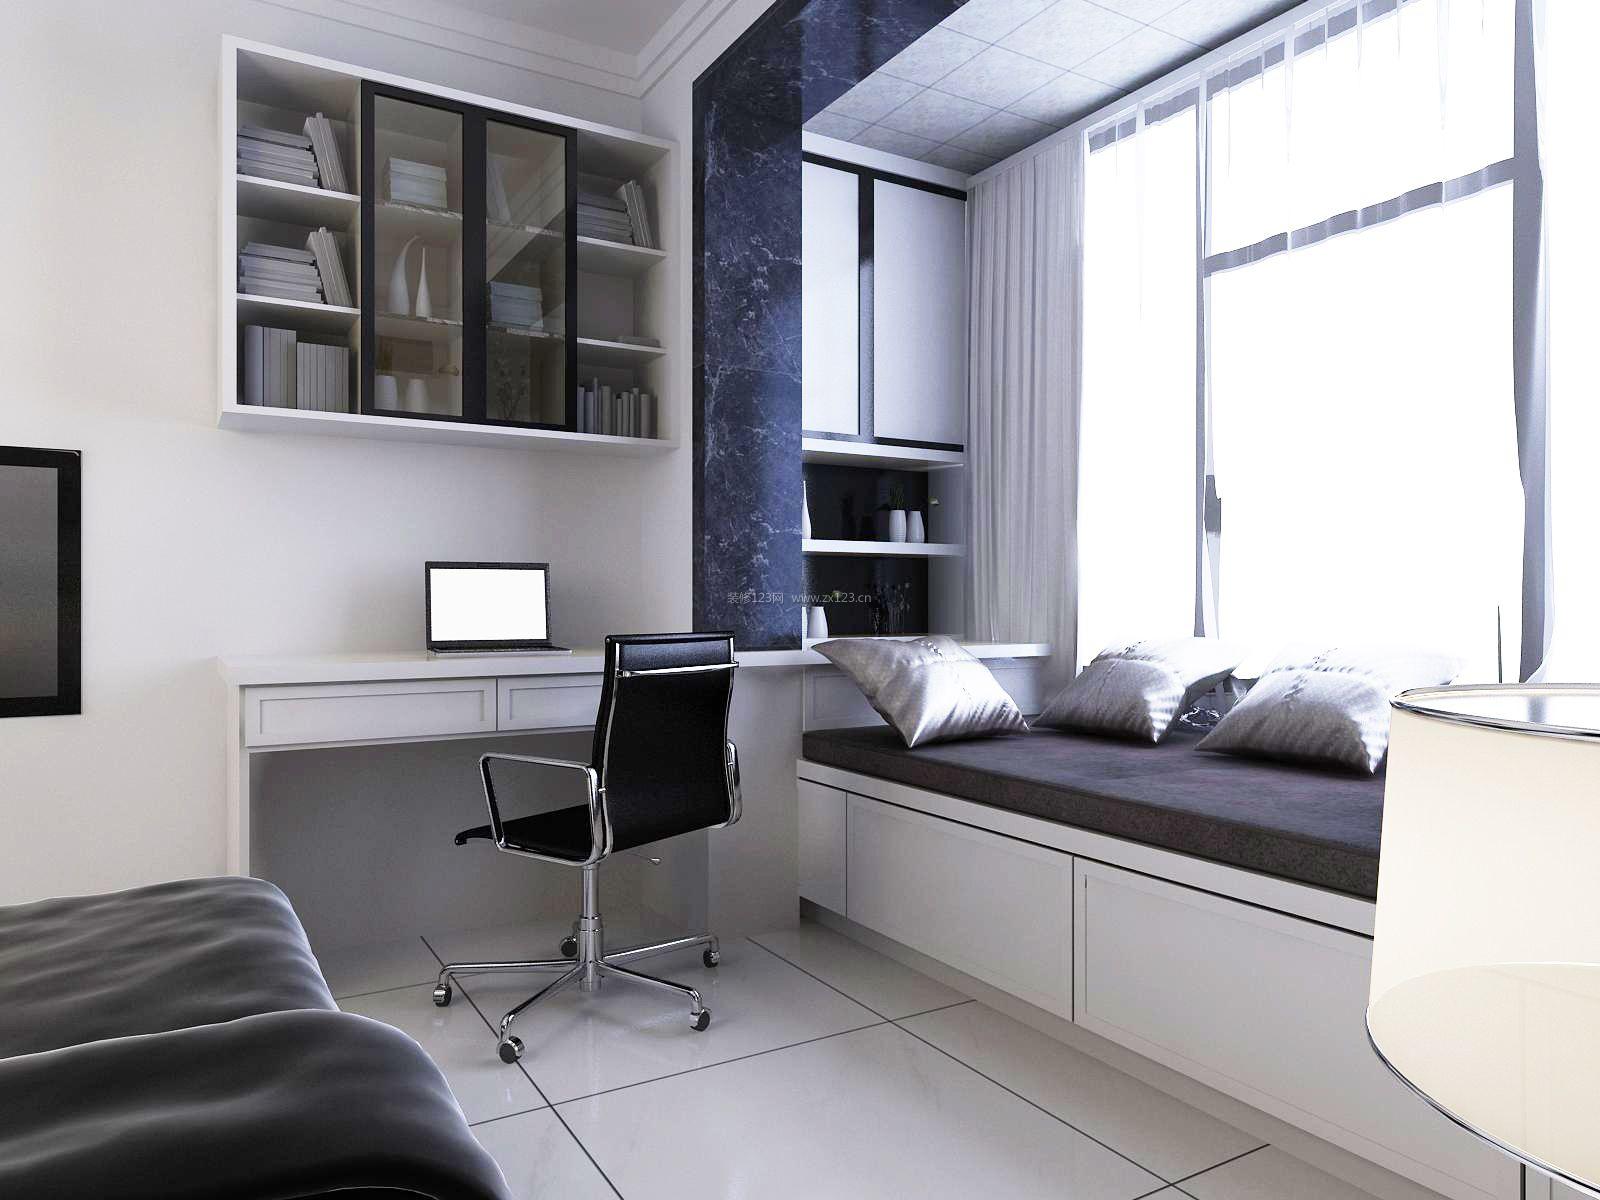 现代卧室阳台榻榻米床装修效果图